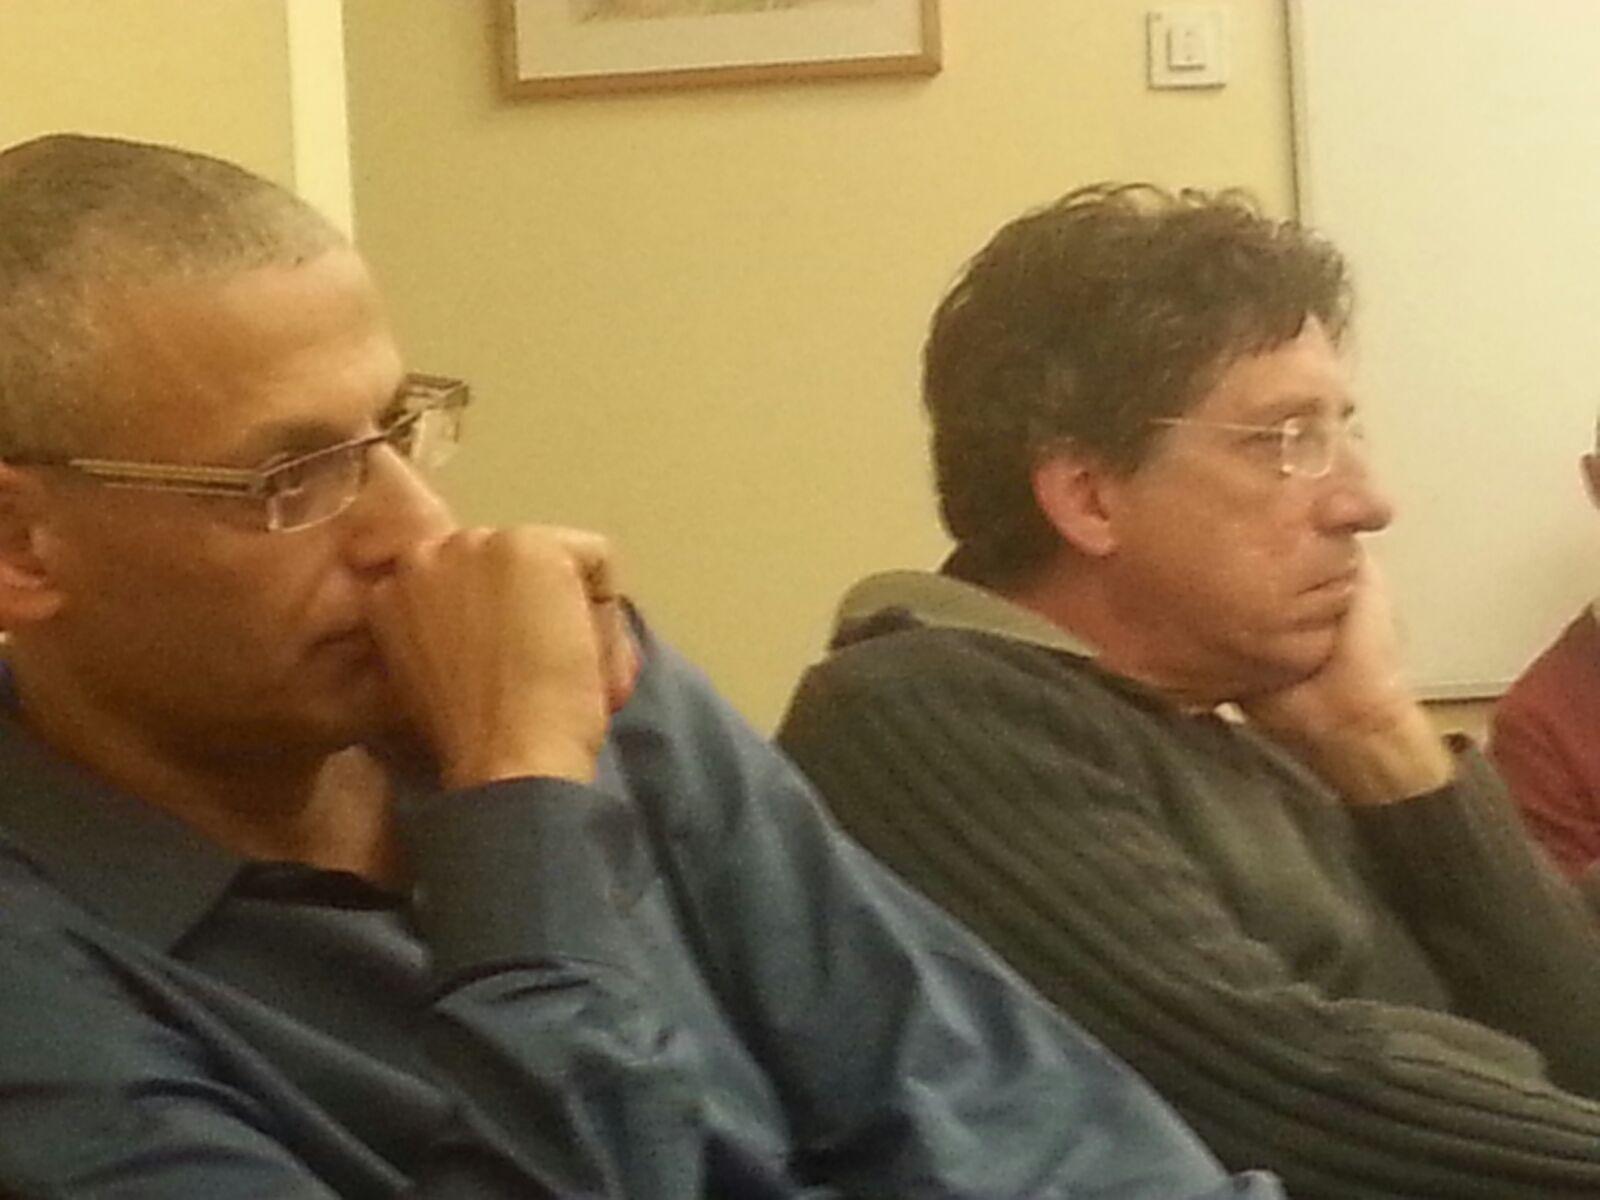 """איתן מדמון, מנכ""""ל גלובס, וחגי גולן, העורך הראשי, בישיבת הפרידה מעובדי גלובס הערב"""